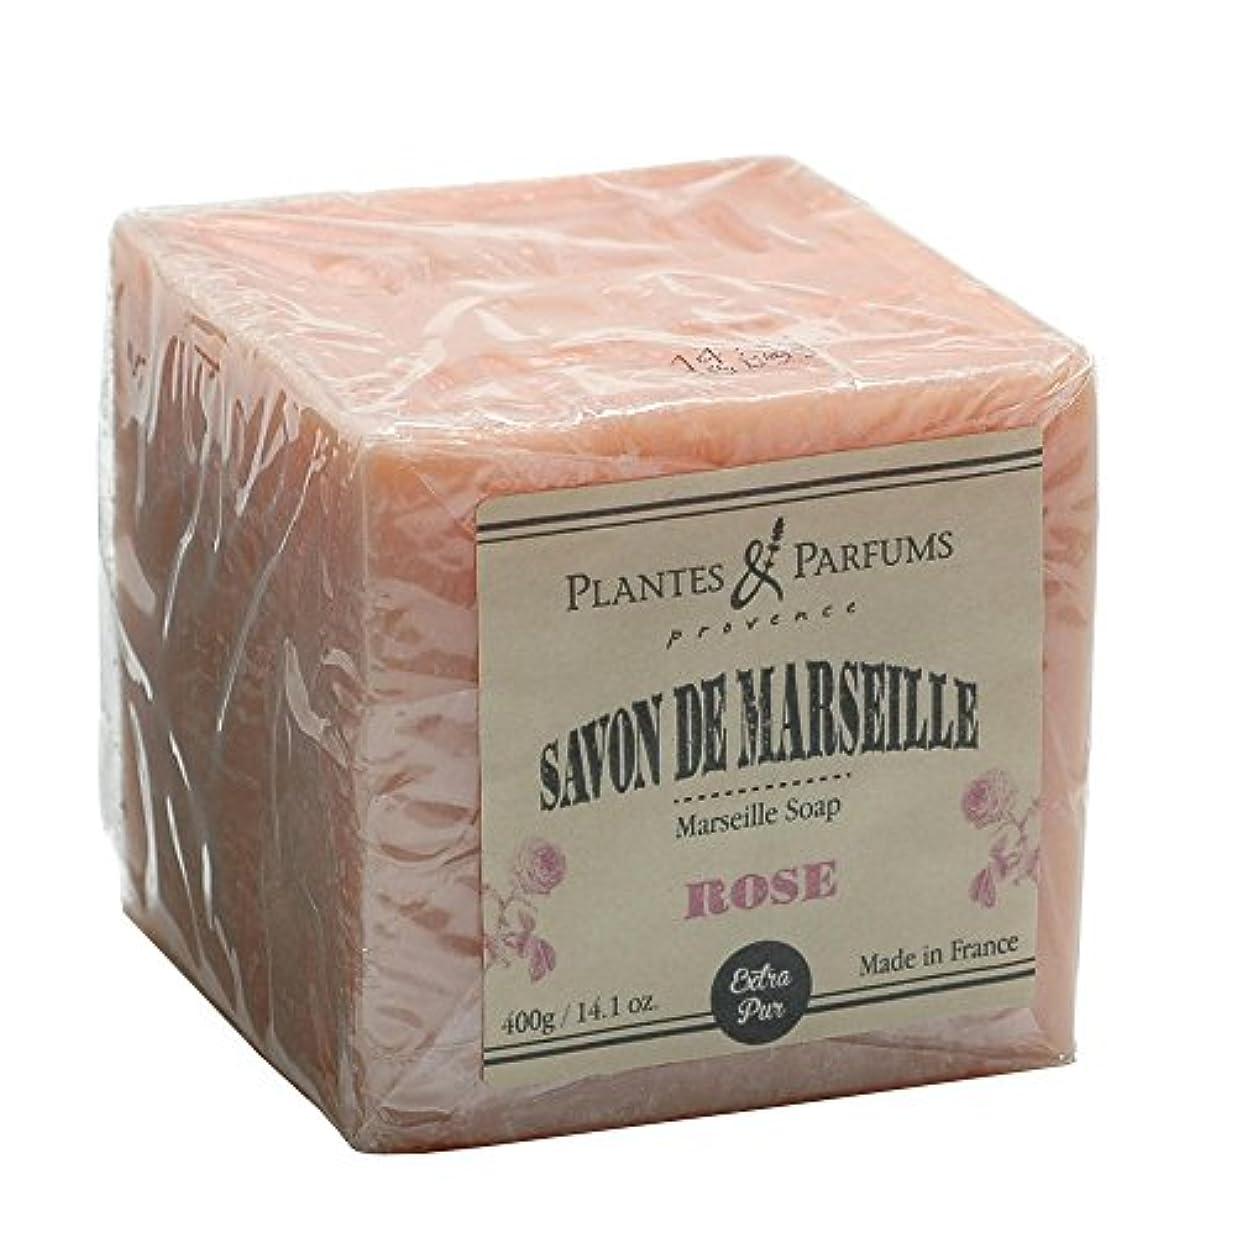 影響を受けやすいですコークスパテPlantes&Parfums [プランツ&パルファム] マルセイユソープ400g ローズ